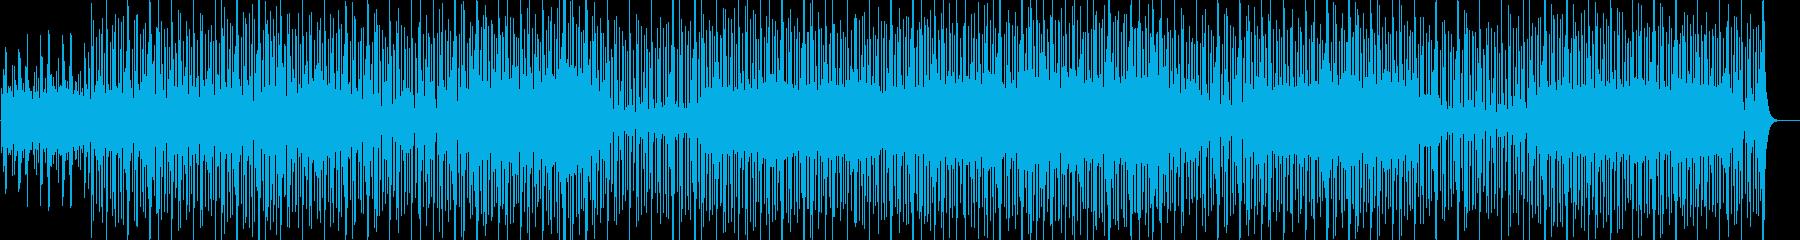 淡々とした無機質シンセサウンドの再生済みの波形